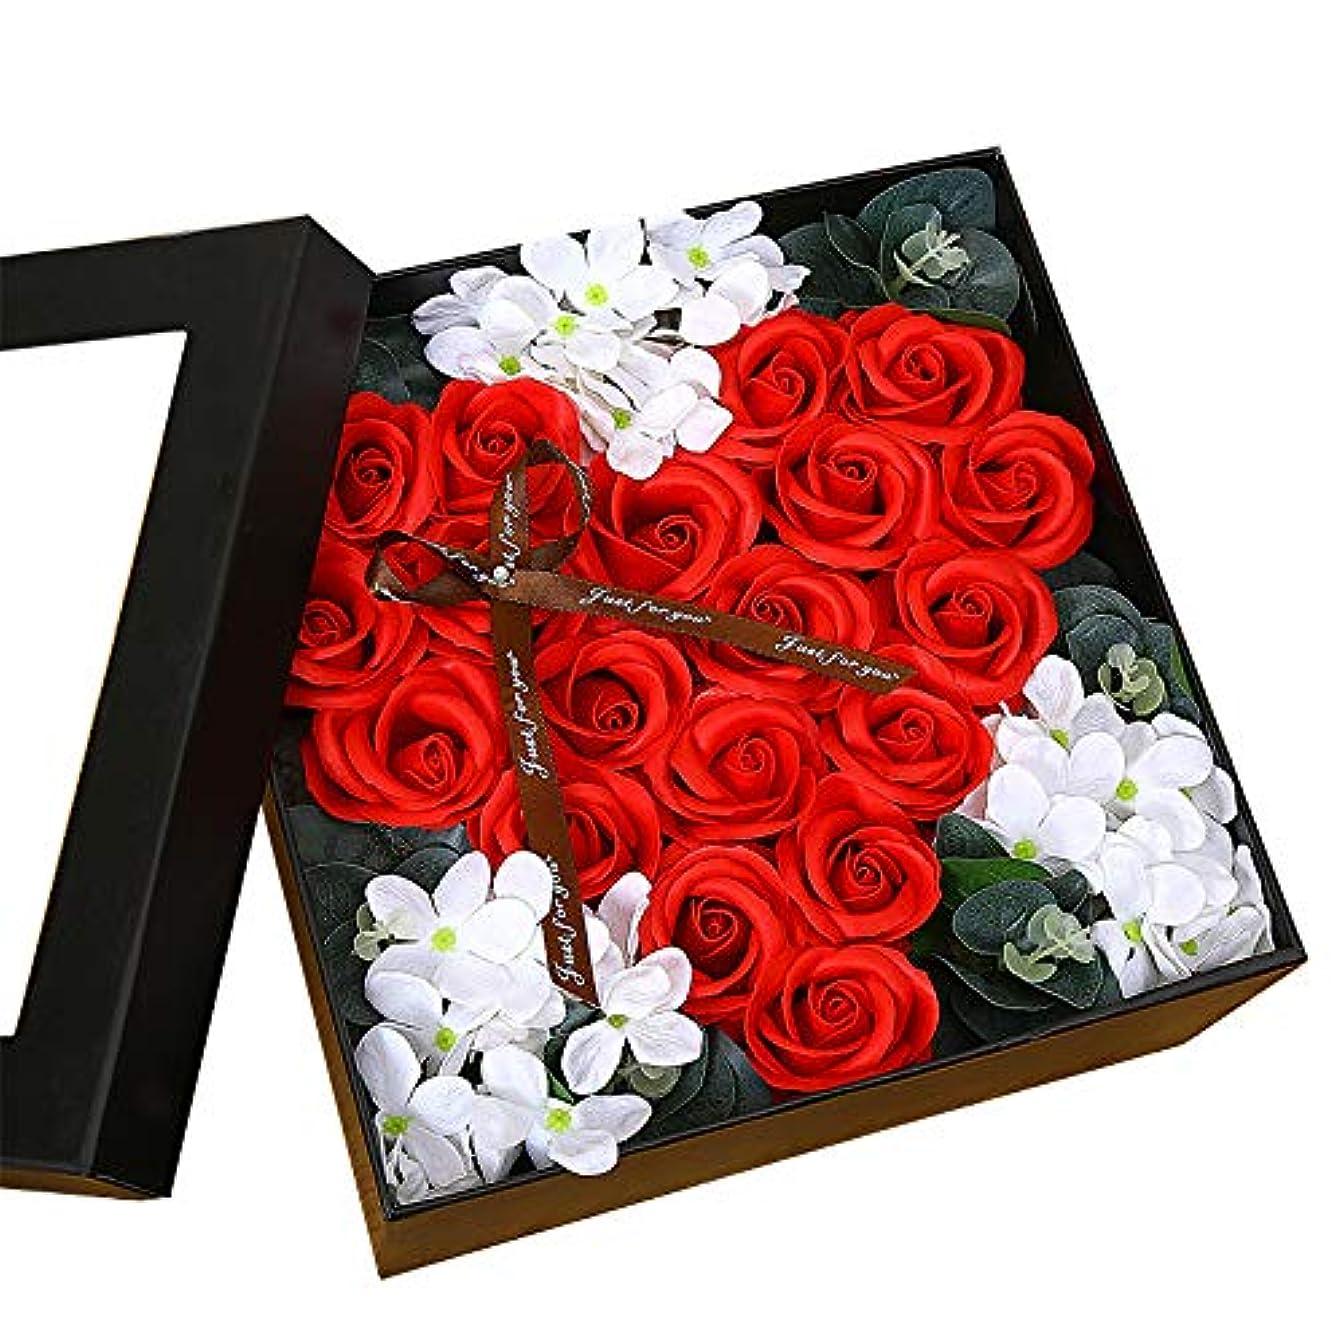 起こりやすい落ち着かない取り戻す生地と花石鹸の花 ギフトソープフラワーローズフラワーバレンタインデーのために不可欠ガールフレンド記念日誕生日母の日 (色 : Red square box)